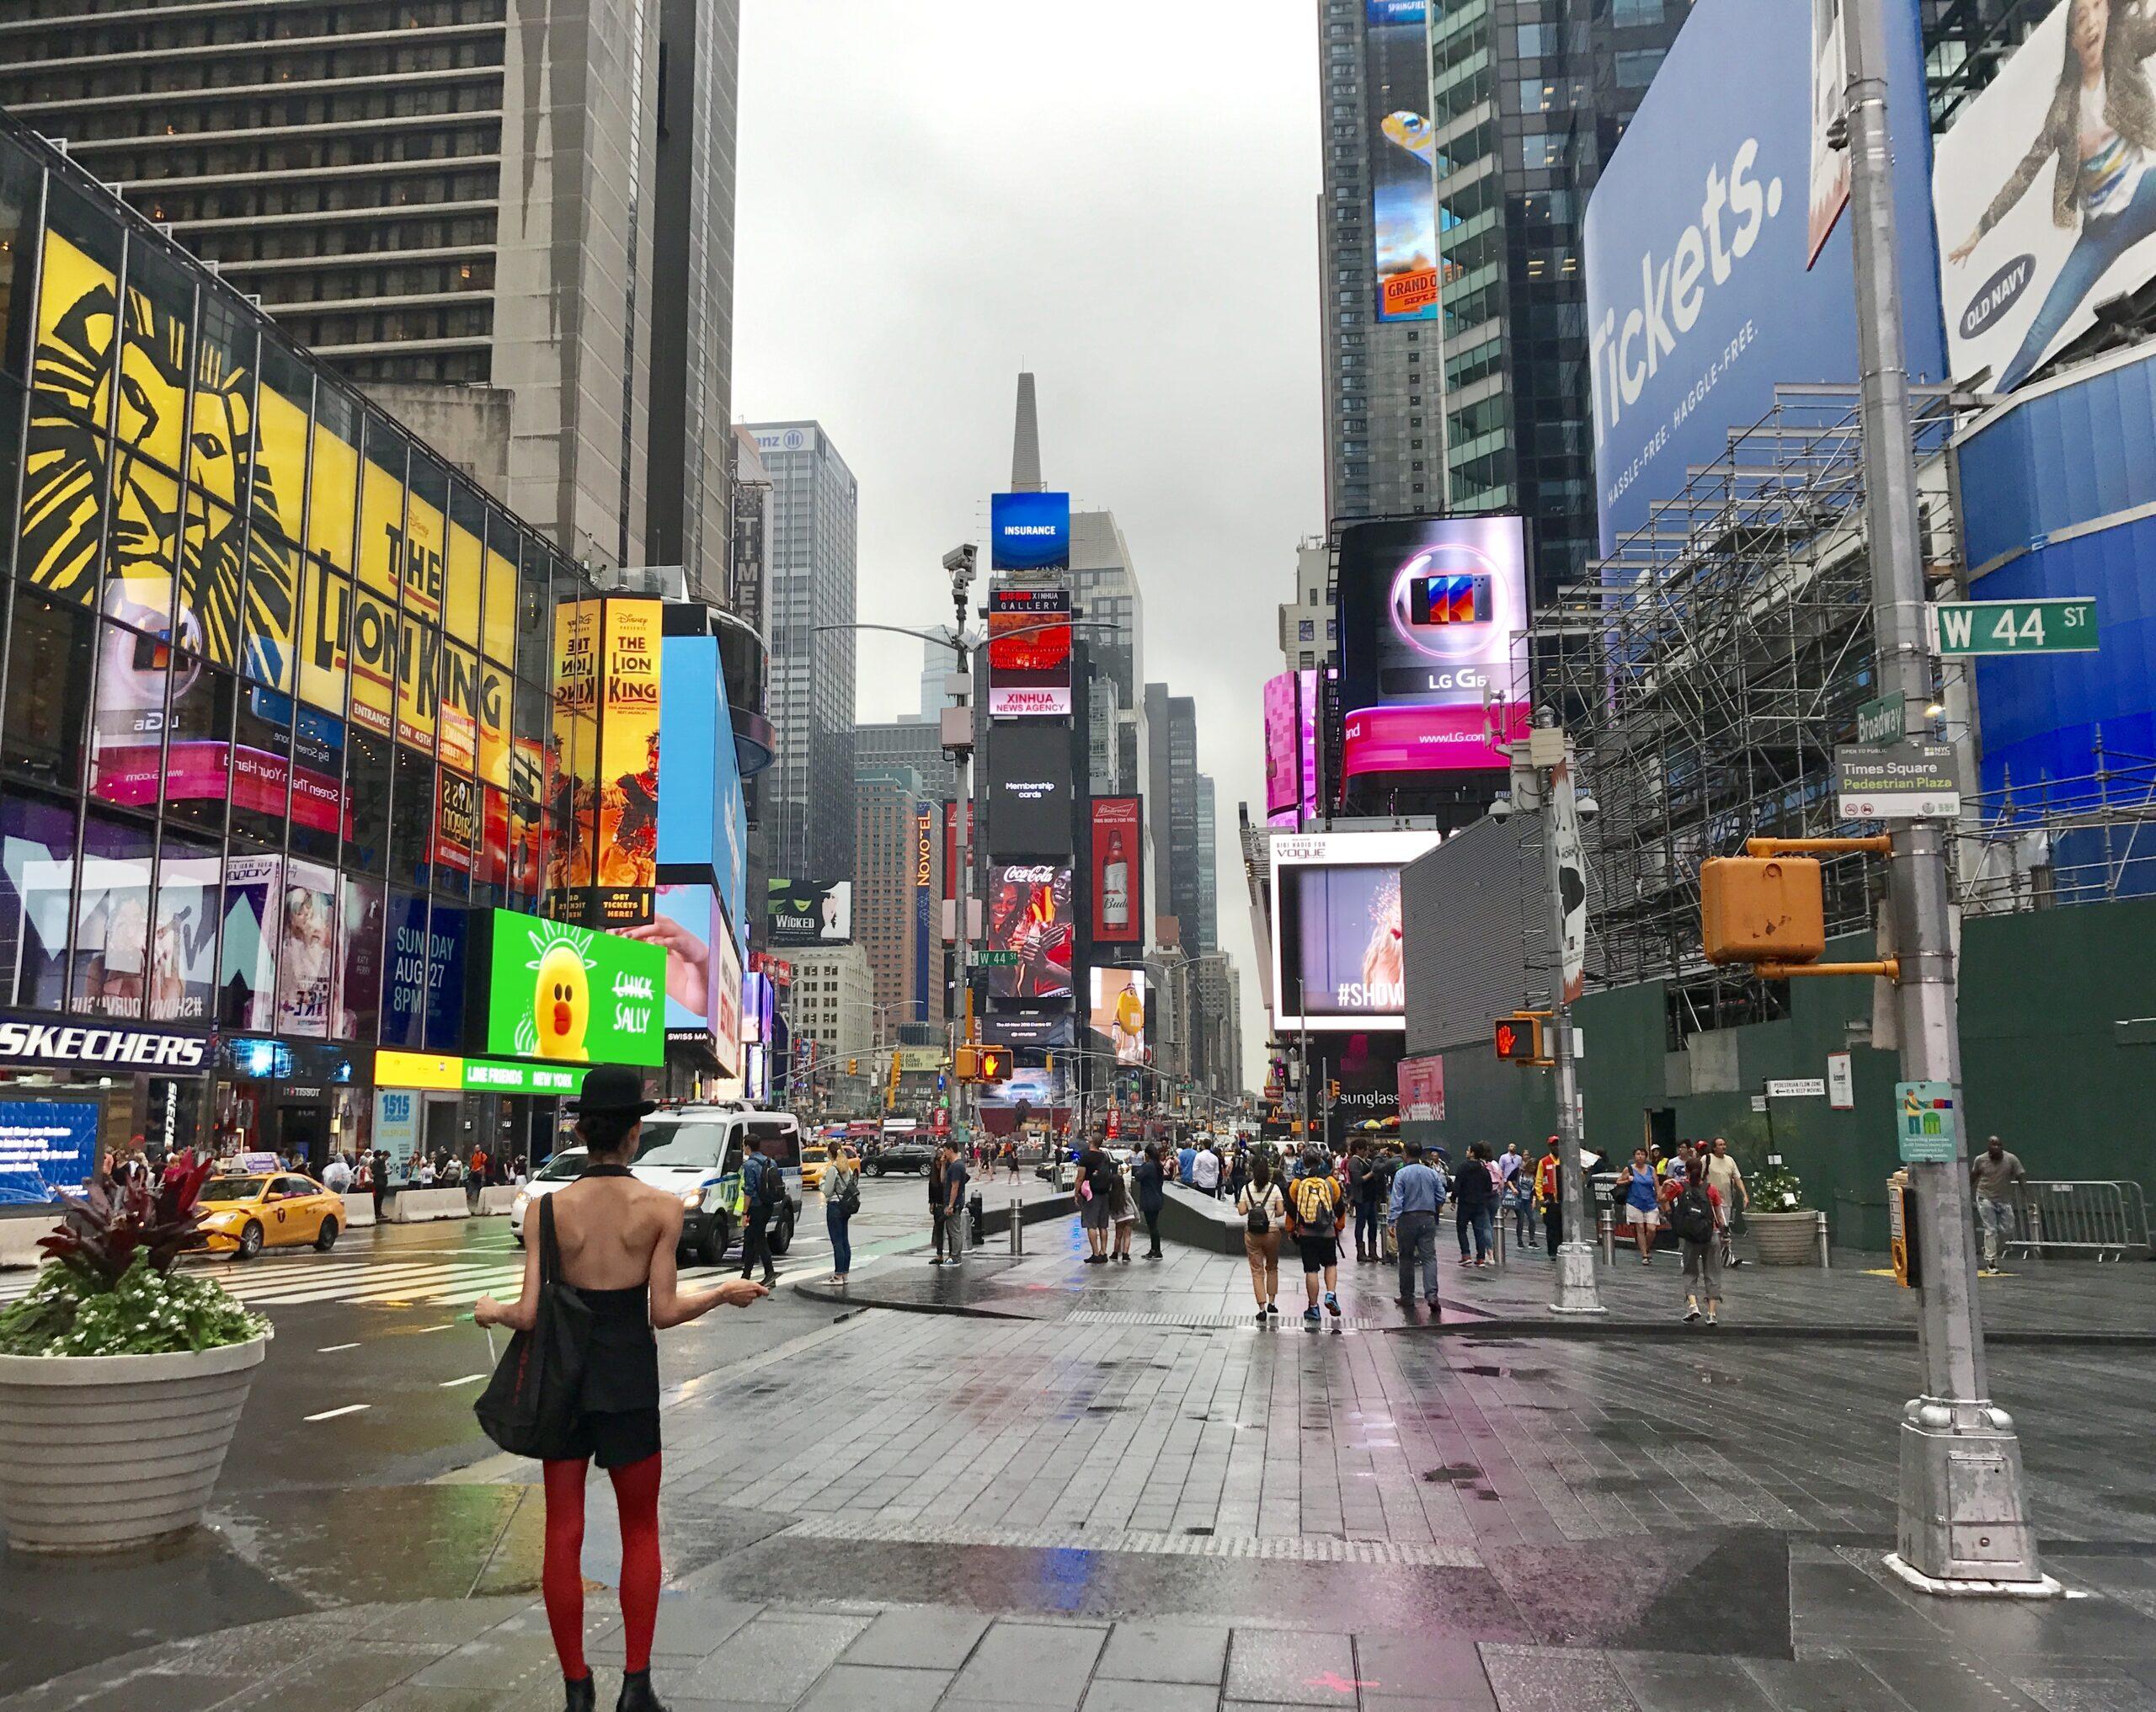 Atrações Turísticas em NYC